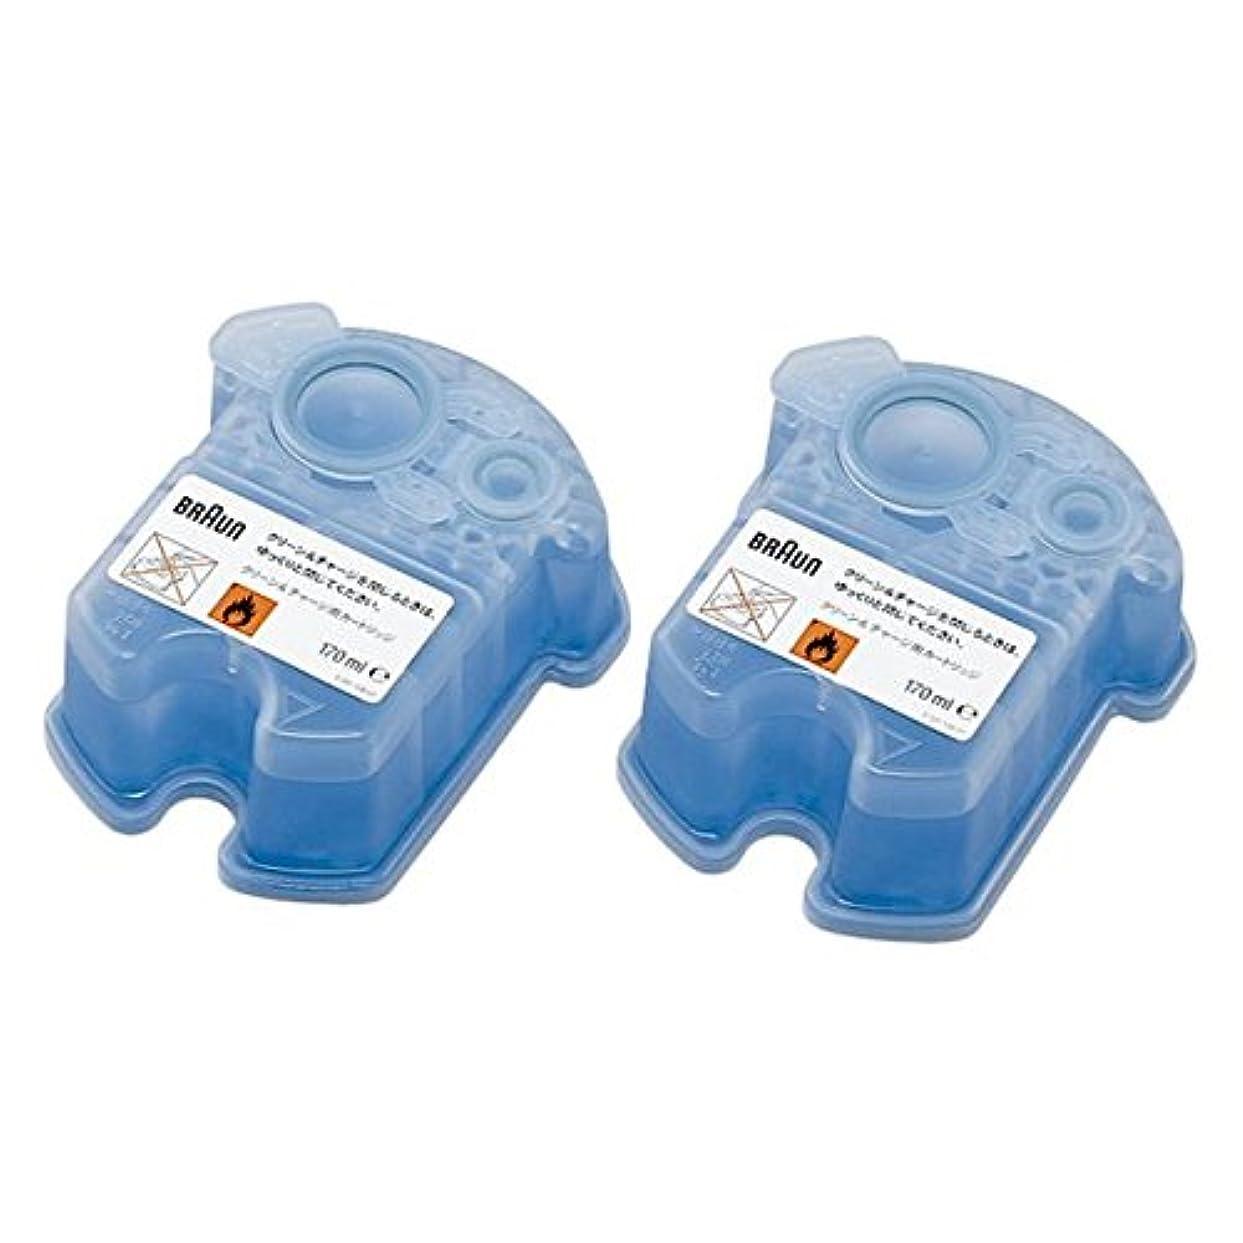 種ビバデマンドBRAUN(ブラウン) クリーン&リニュー専用 洗浄液カートリッジ CCR2CR 2個入 家電 生活家電 [並行輸入品]